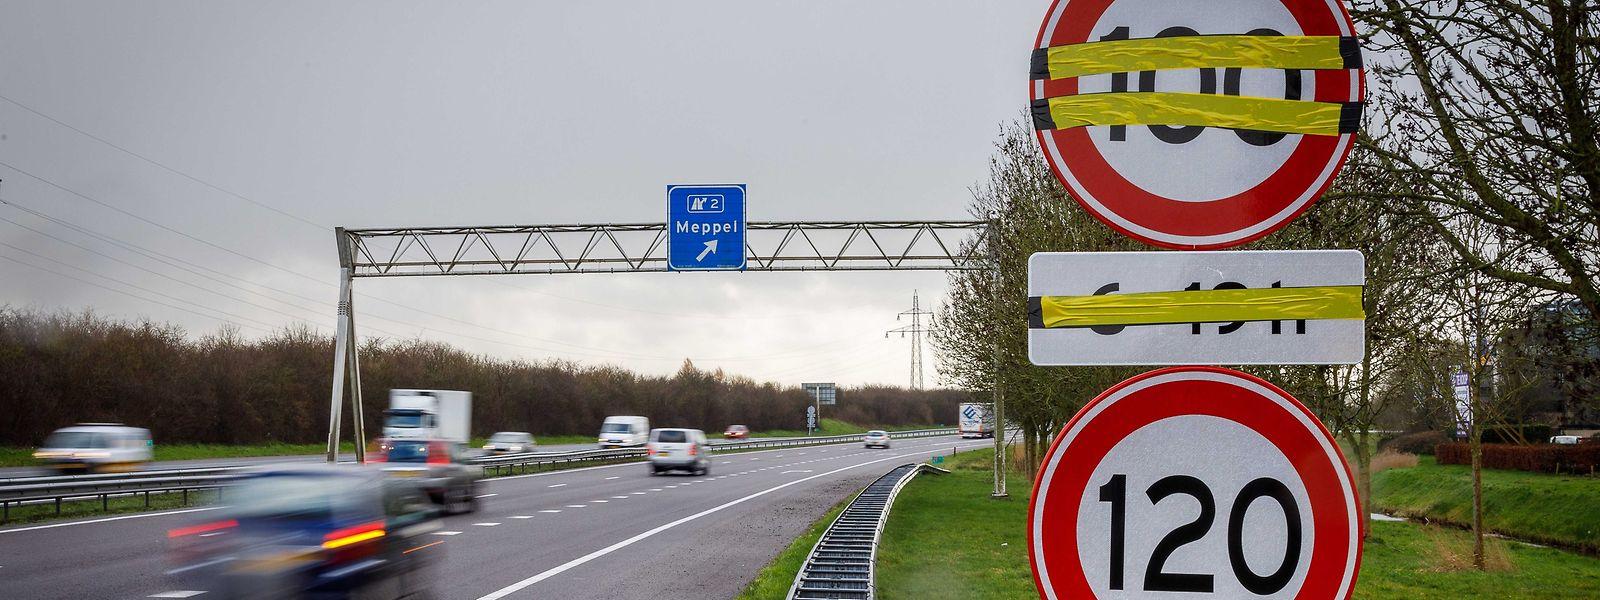 Ein Verkehrsschild mit Tempo 100 an einer Autobahn in Meppel (NL).